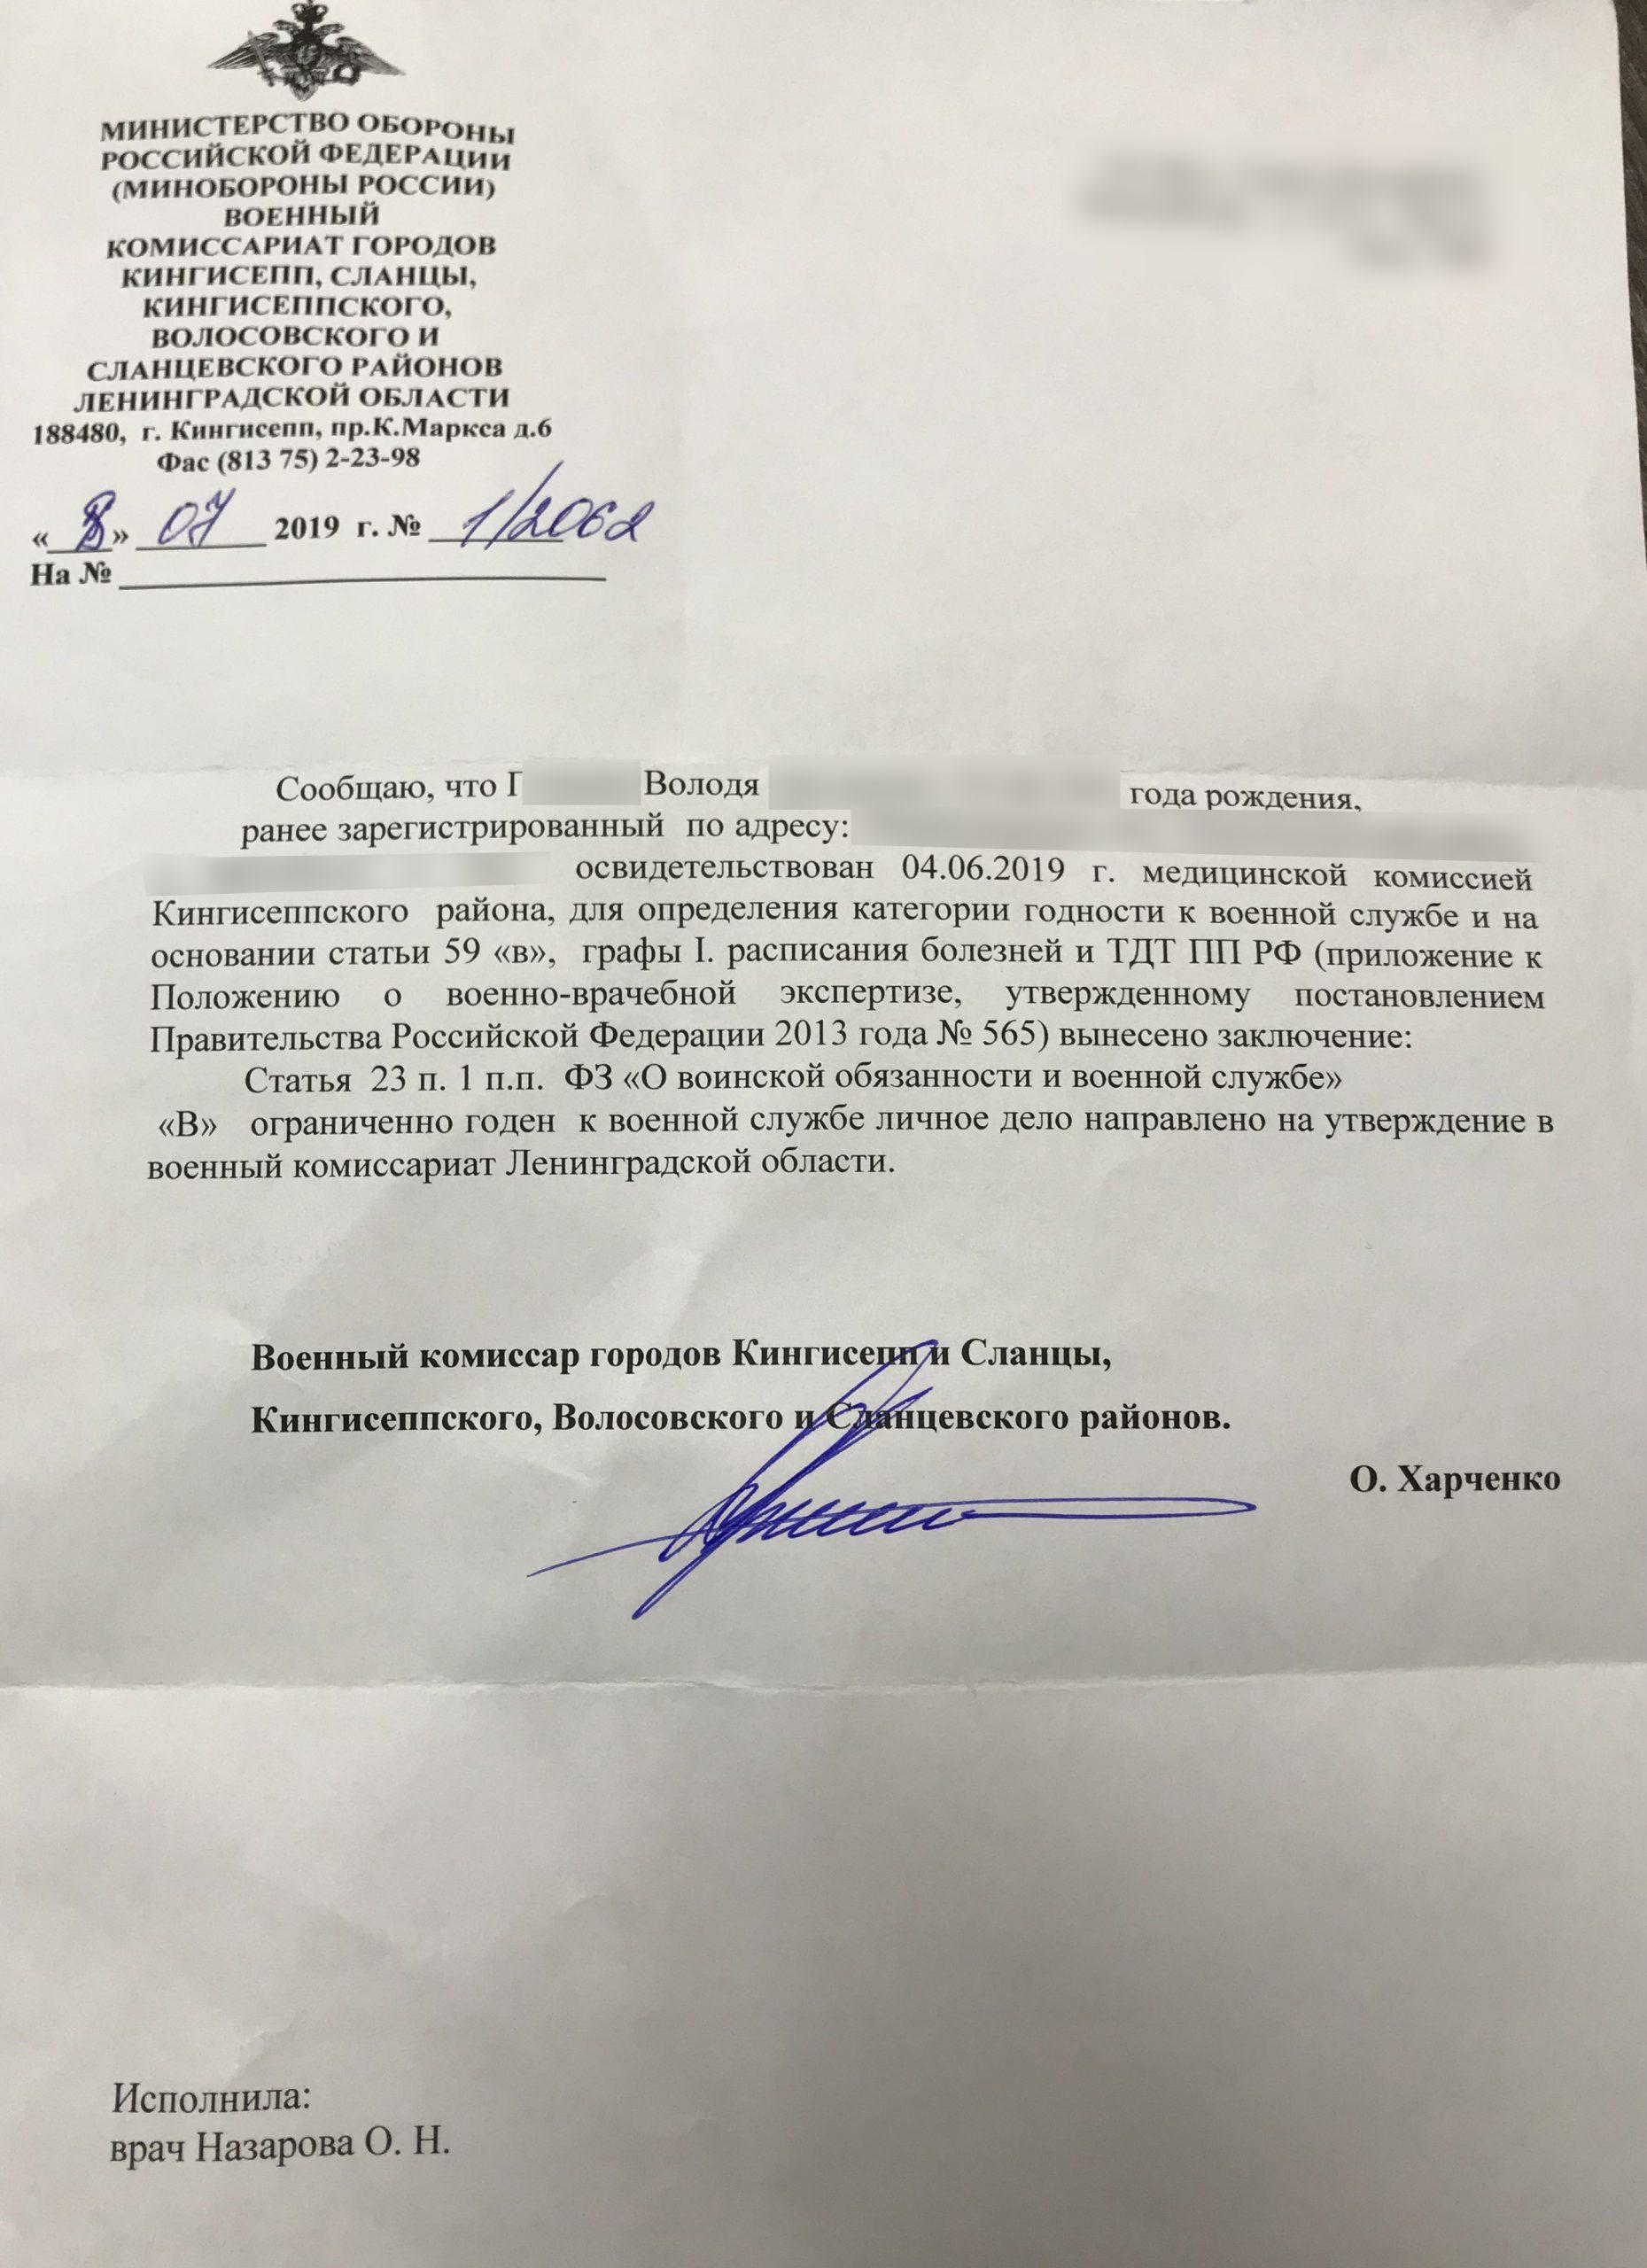 володя г - решение военного комиссариата об освобождении от призыва